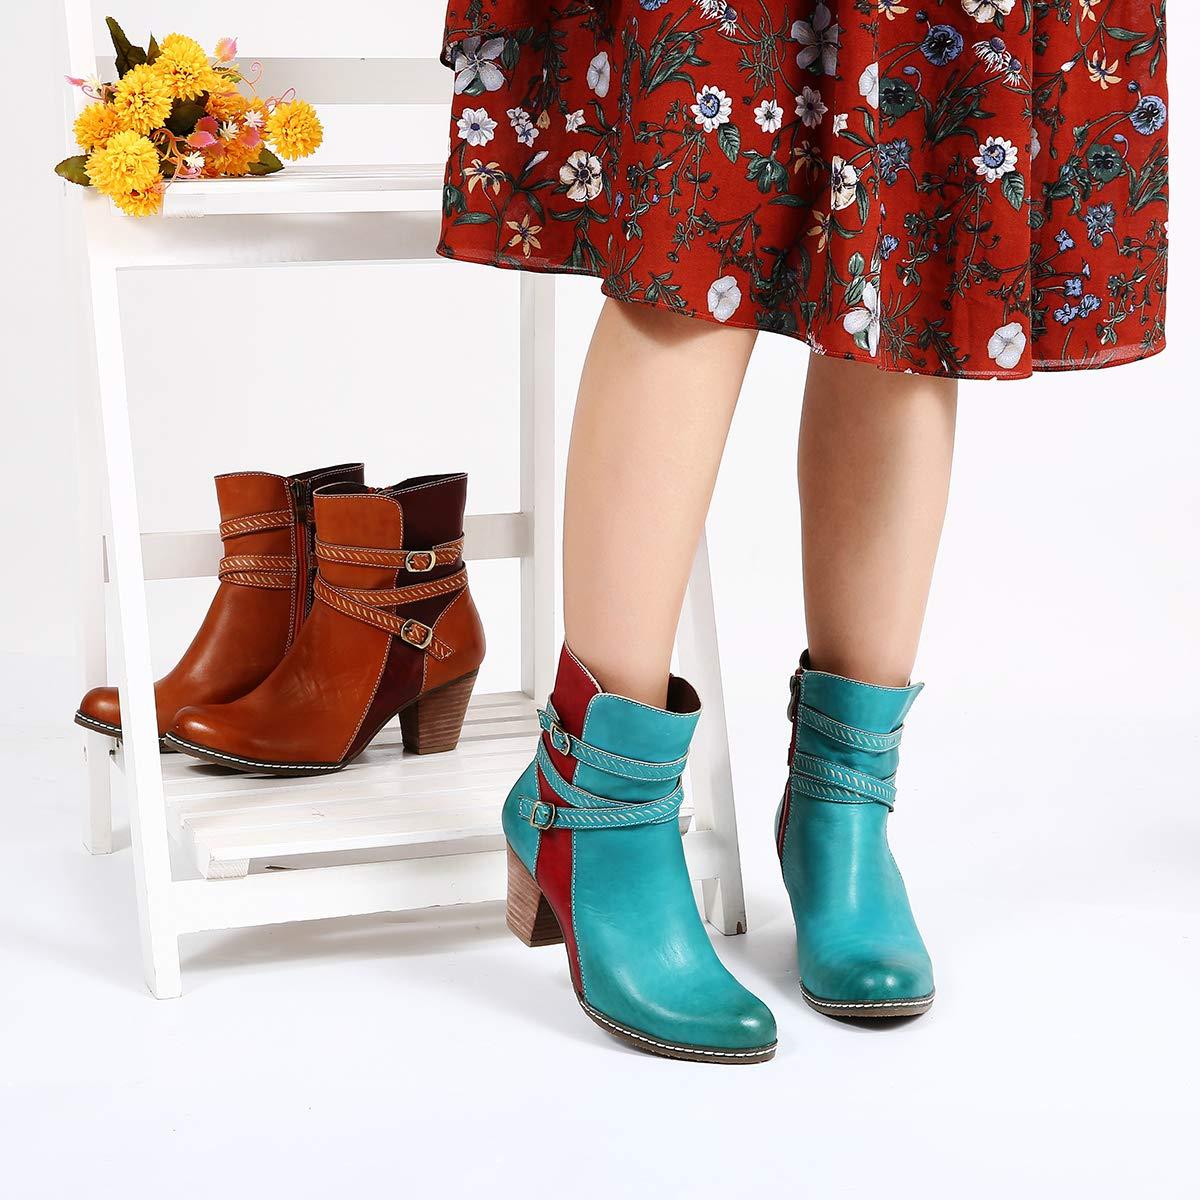 22d24728117ac0 Camfosy Bottines Cuir Talons Femmes, Bottes en Cuir Chaussures de Ville  Hiver /à Talons Hauts Confortables ...